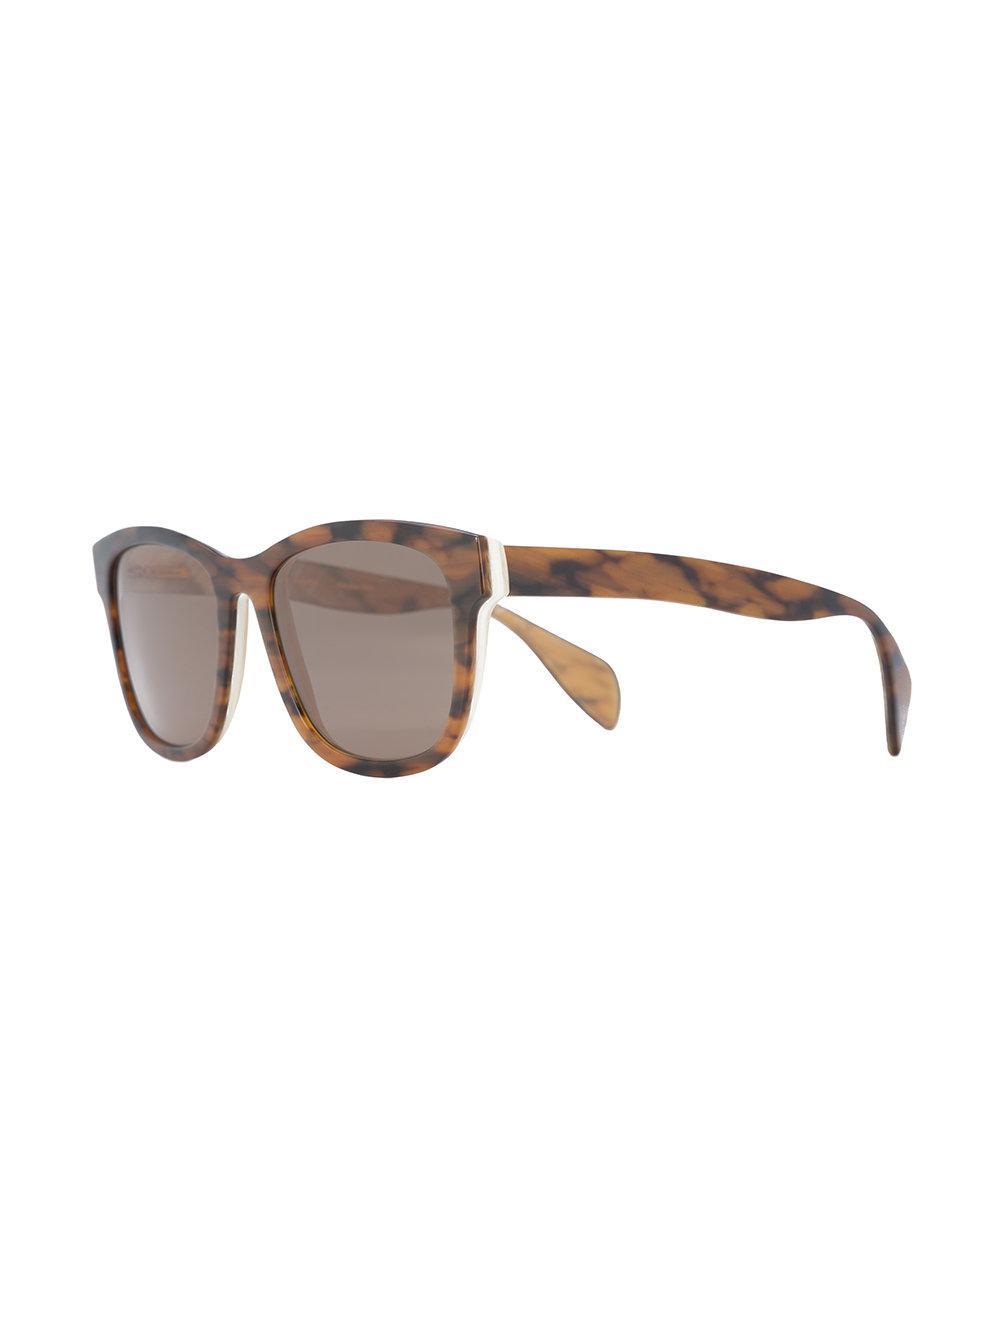 Oscar de la Renta Wide Framed Sunglasses in Brown